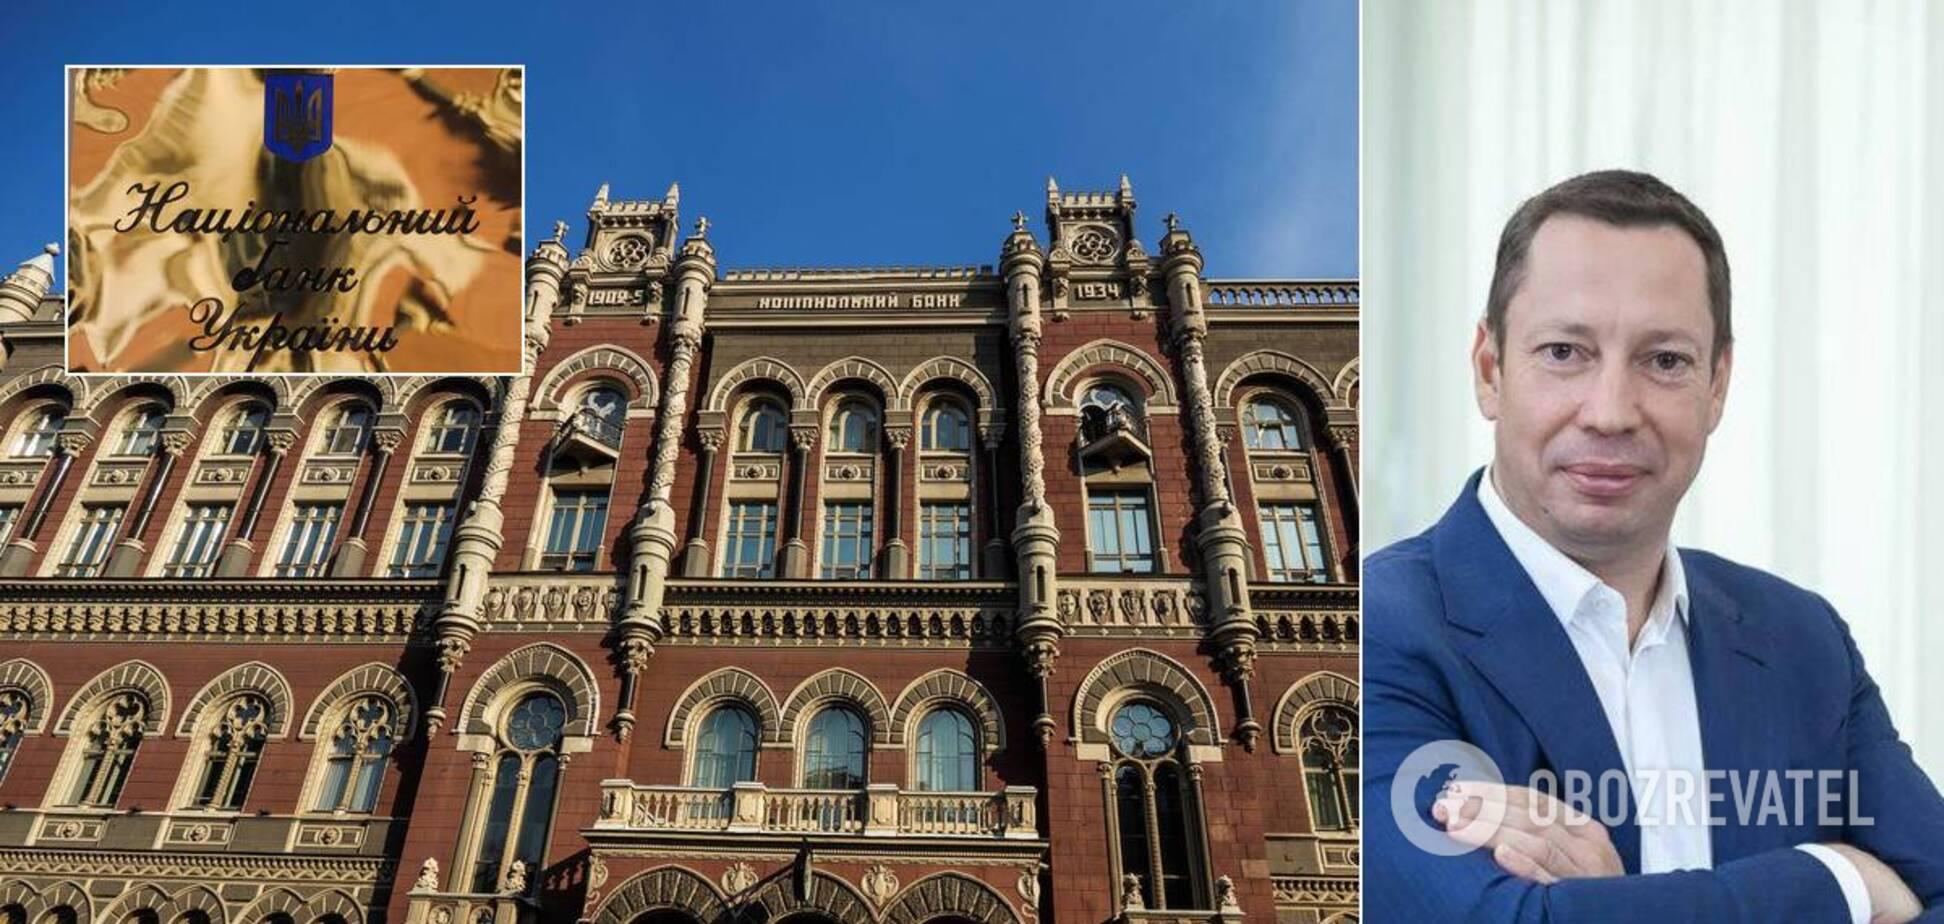 Новым главой НБУ стал Шевченко: почему его выбрал Зеленский и как изменится курс